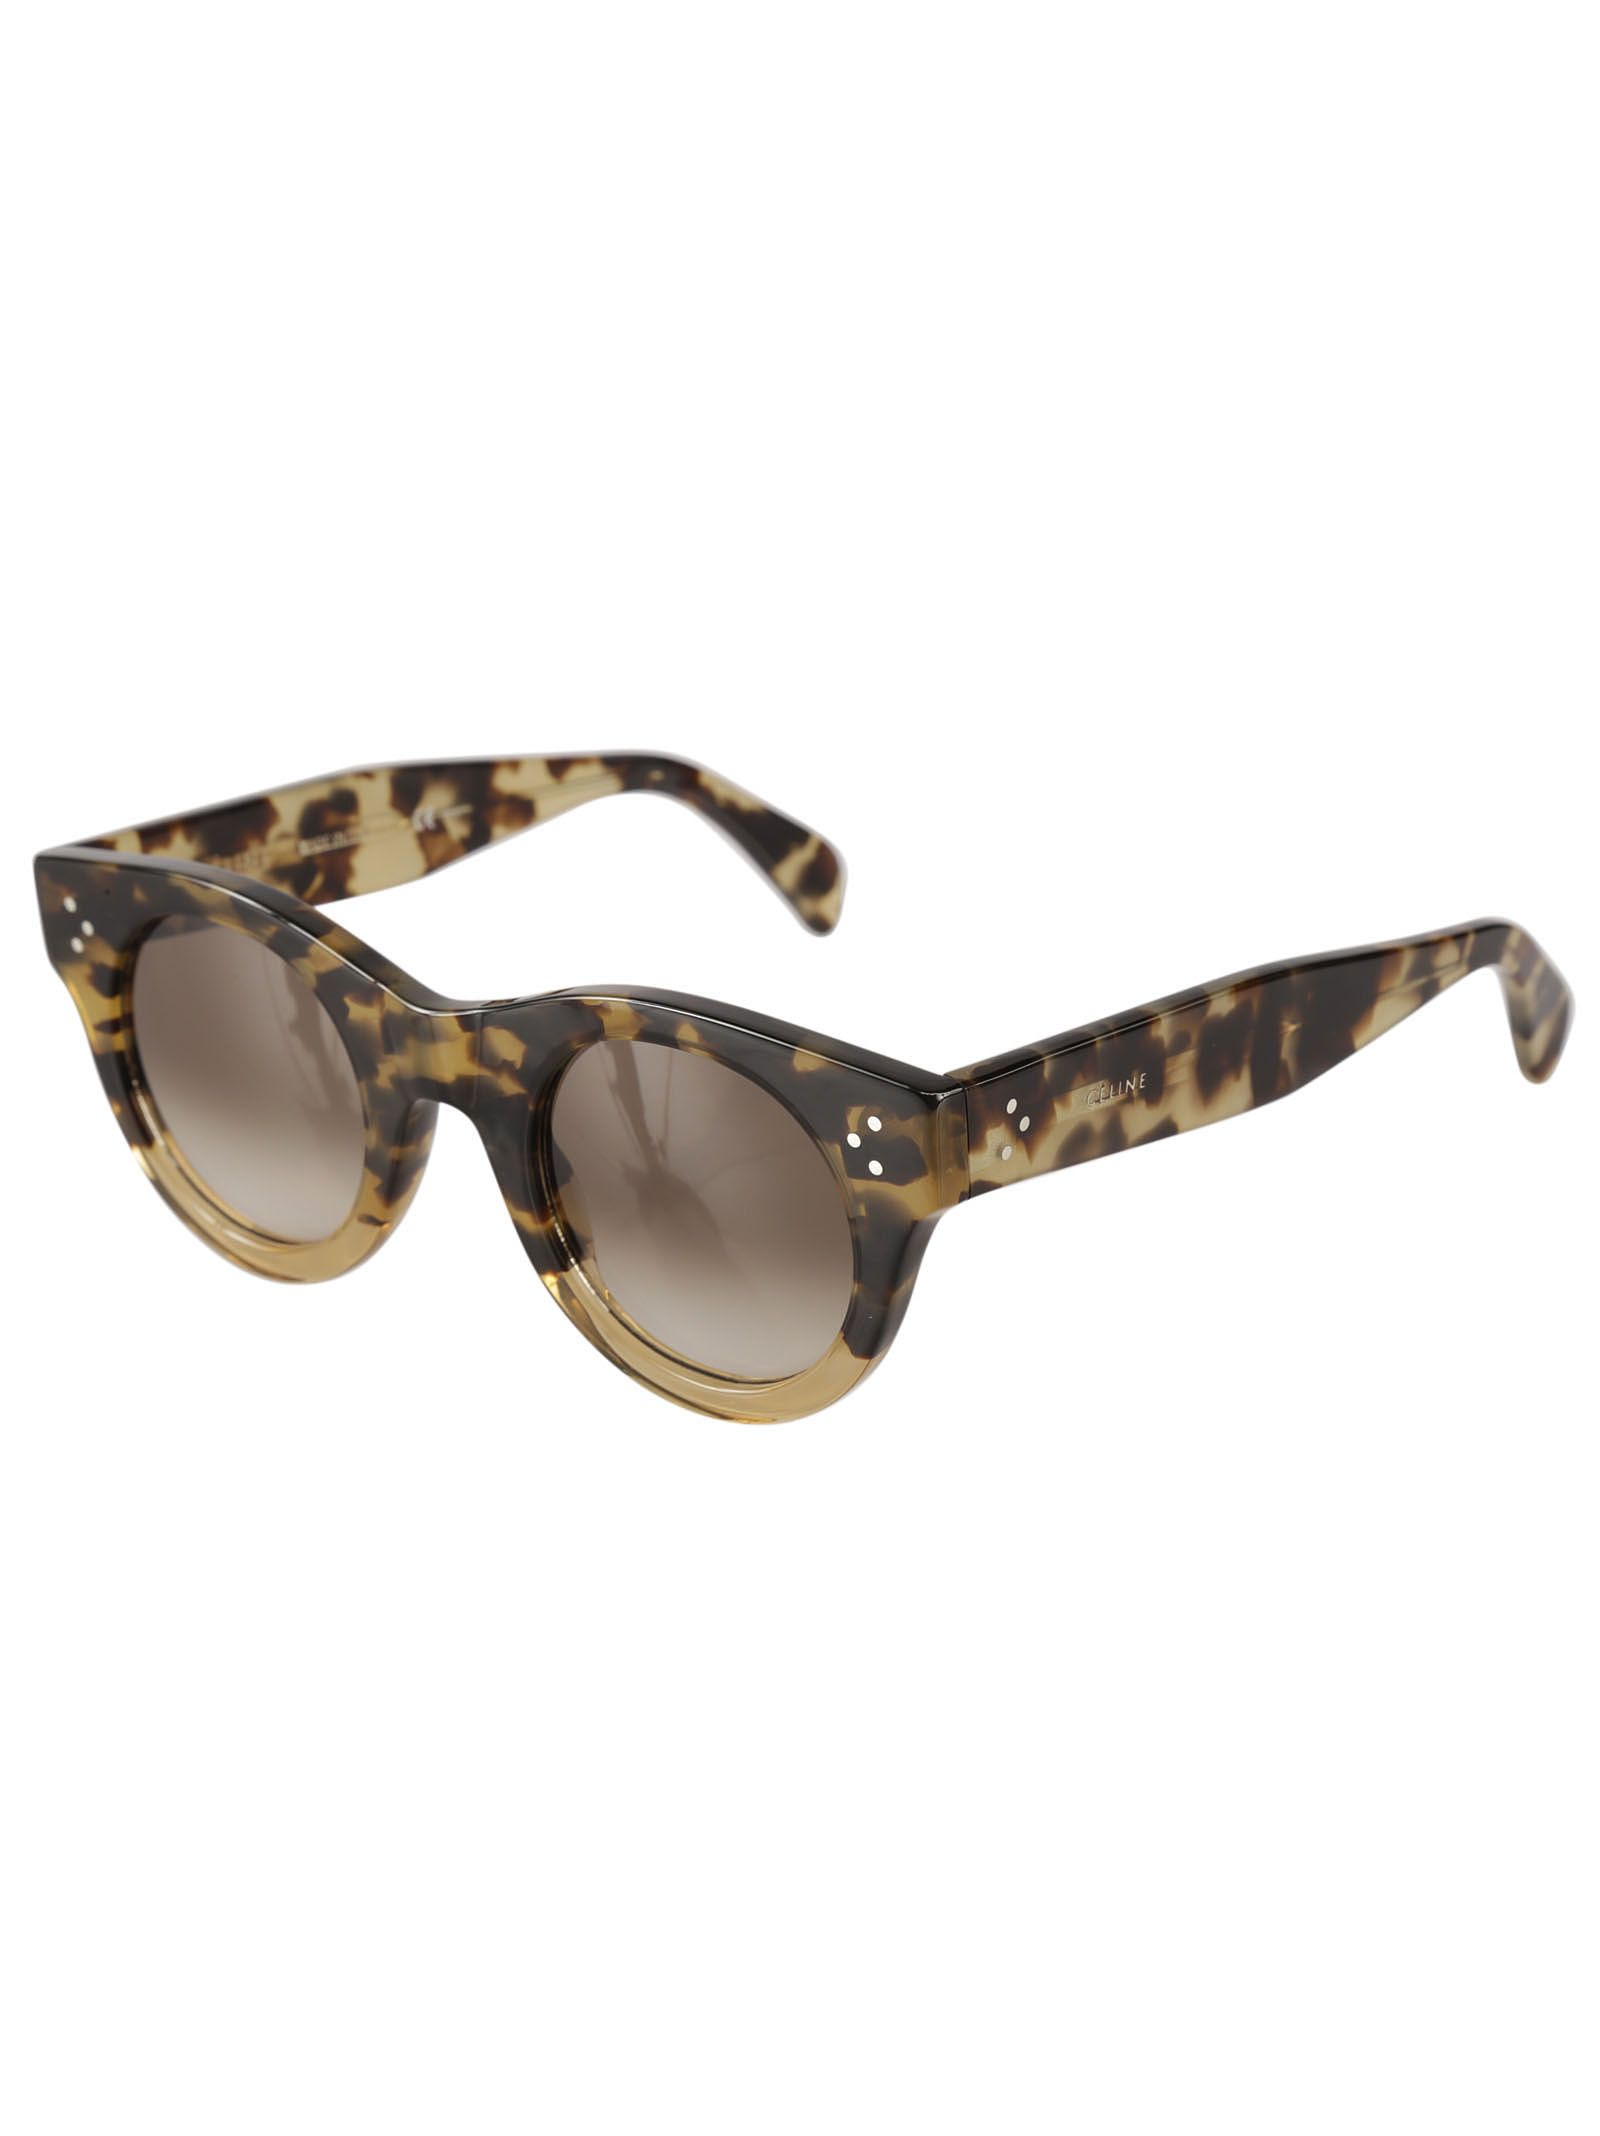 1e71da953c999 Celine Eyewear